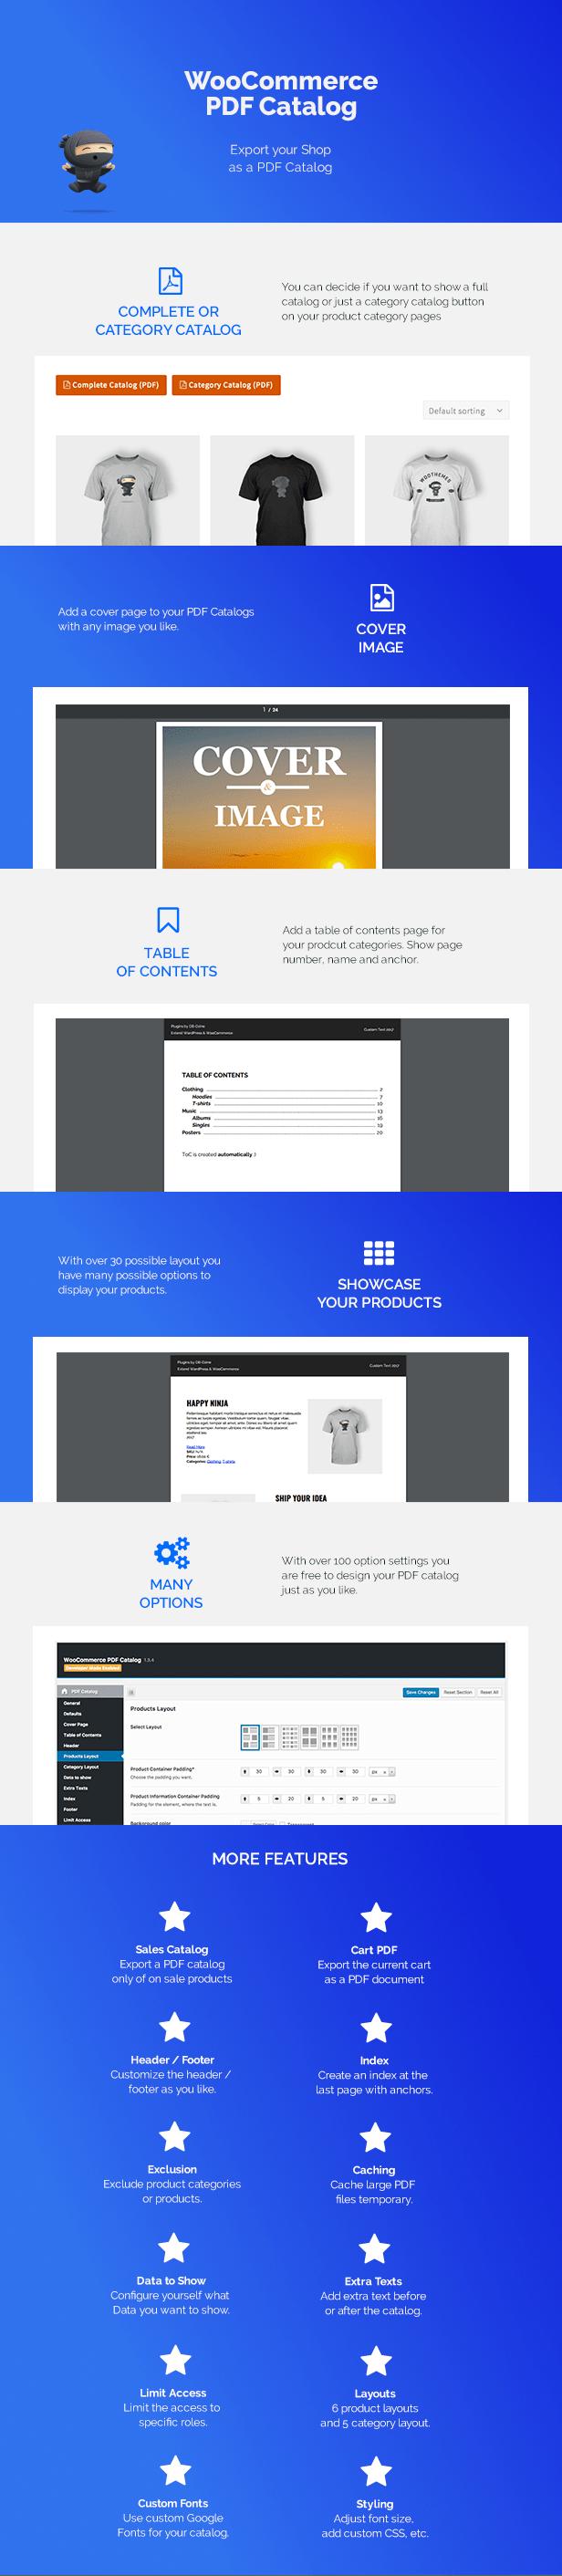 WooCommerce PDF Catalog v1.13.6-woo商店转PDF目录插件插图2